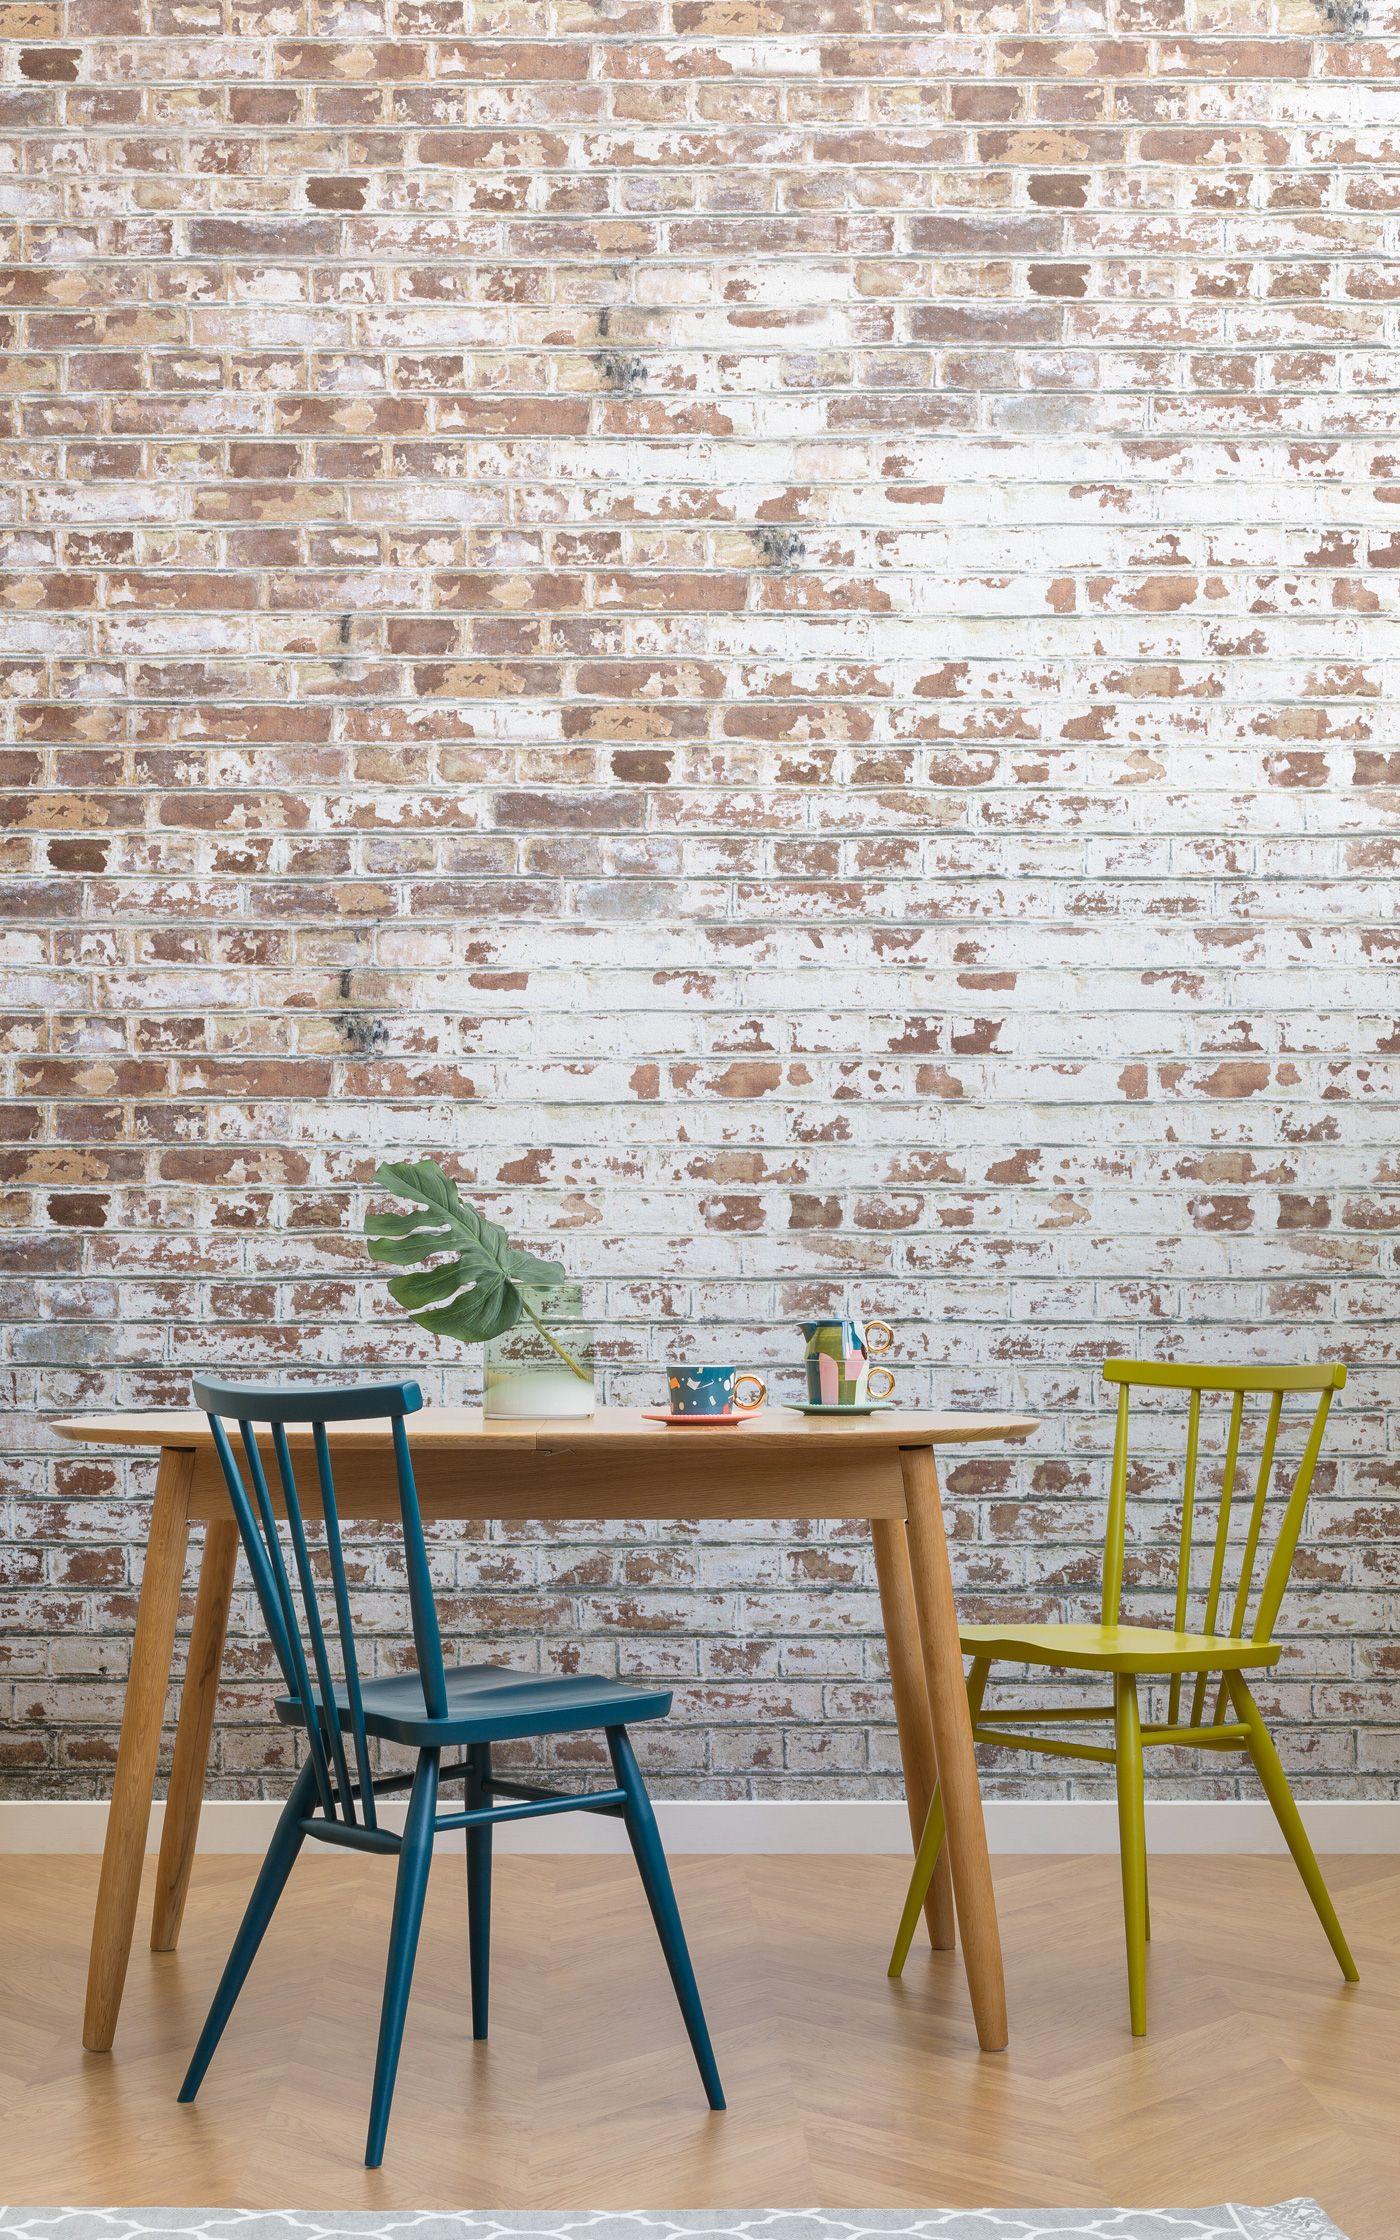 White Painted Brick Wallpaper Mural Murals Wallpaper Painted Brick Walls Brick Wallpaper Dining Room Wallpaper